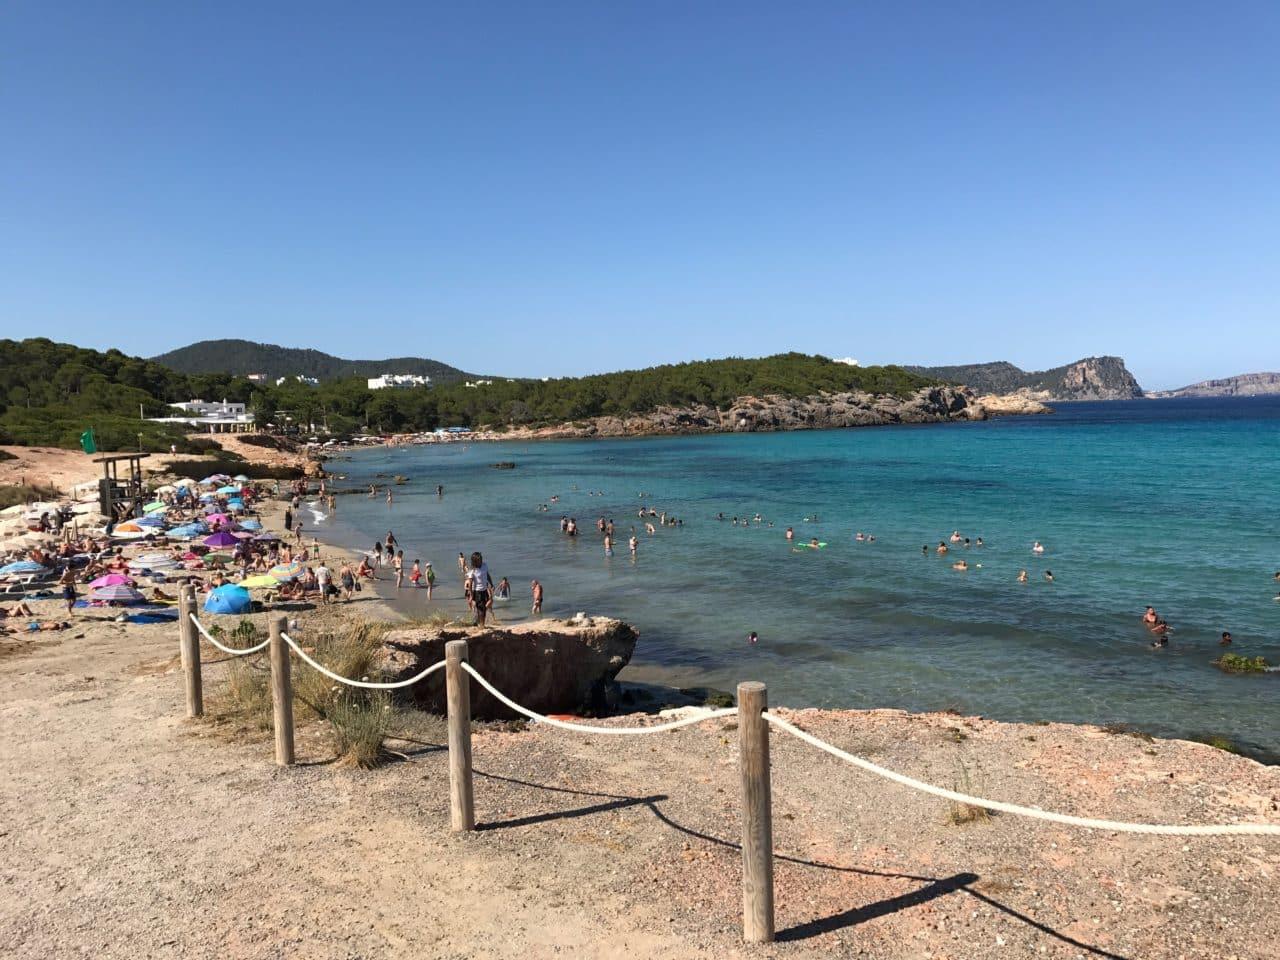 People Sunbathing On A Tropical Beach In Spain